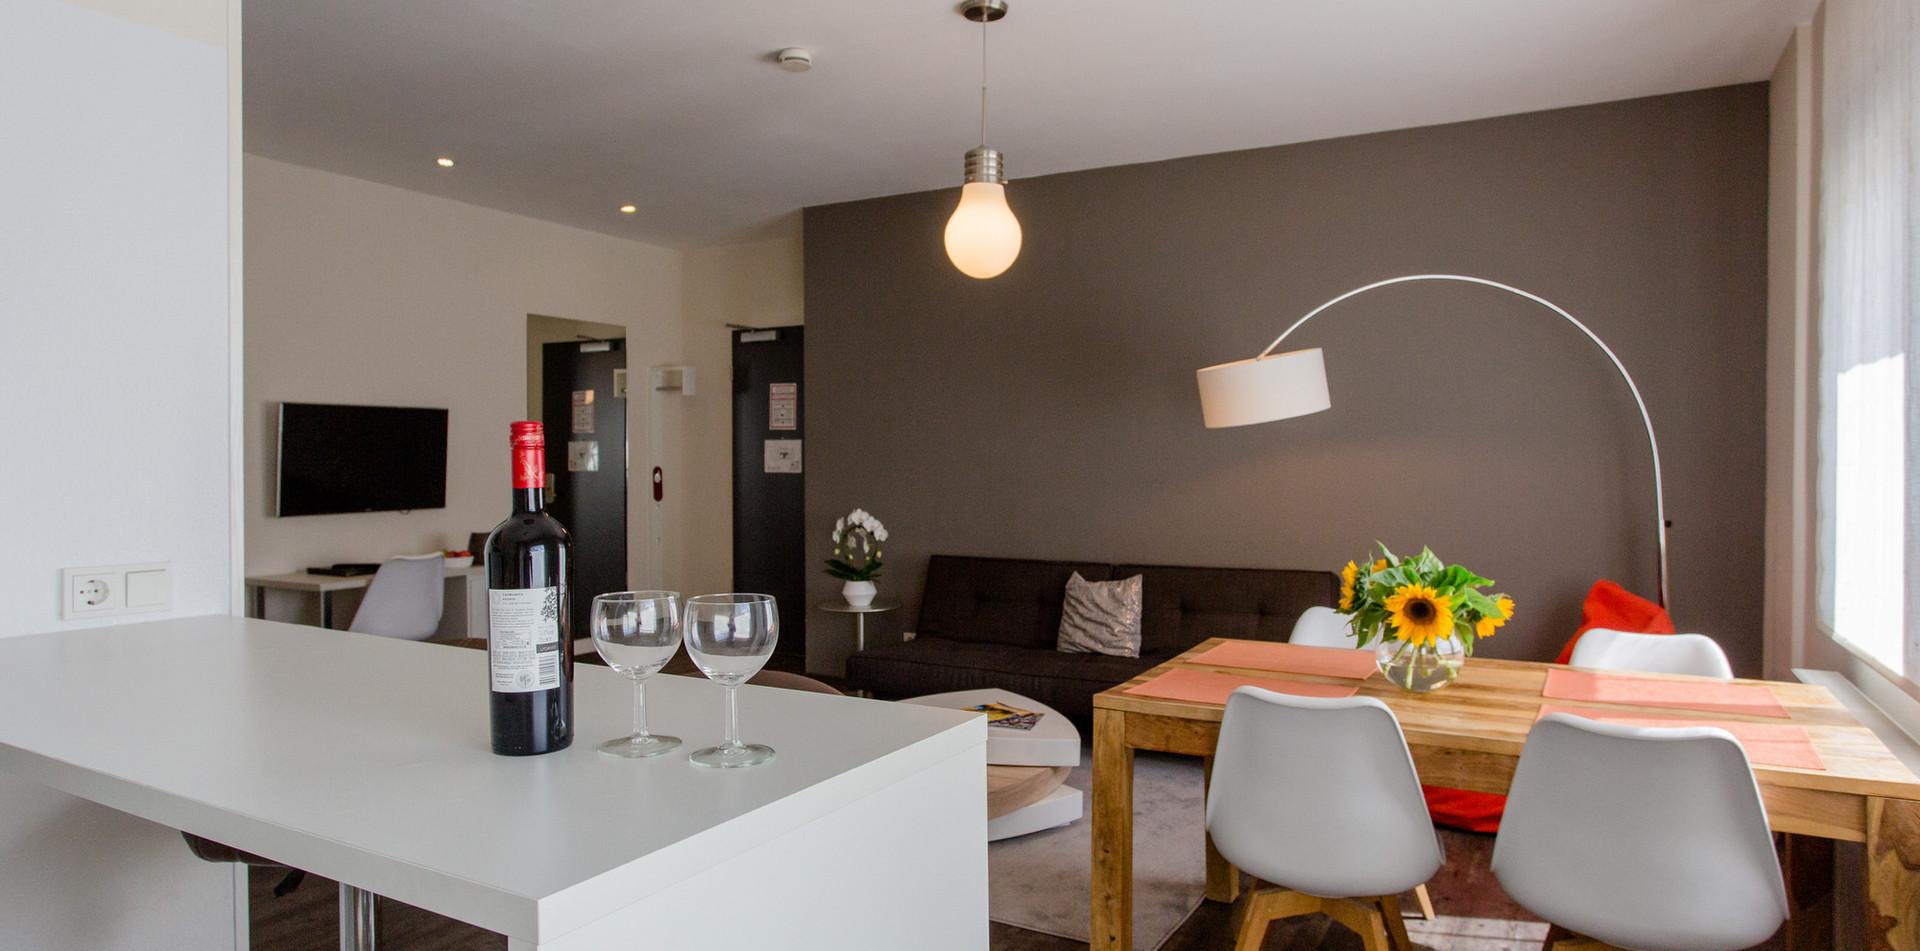 Blick von Küche auf Wohnbereich